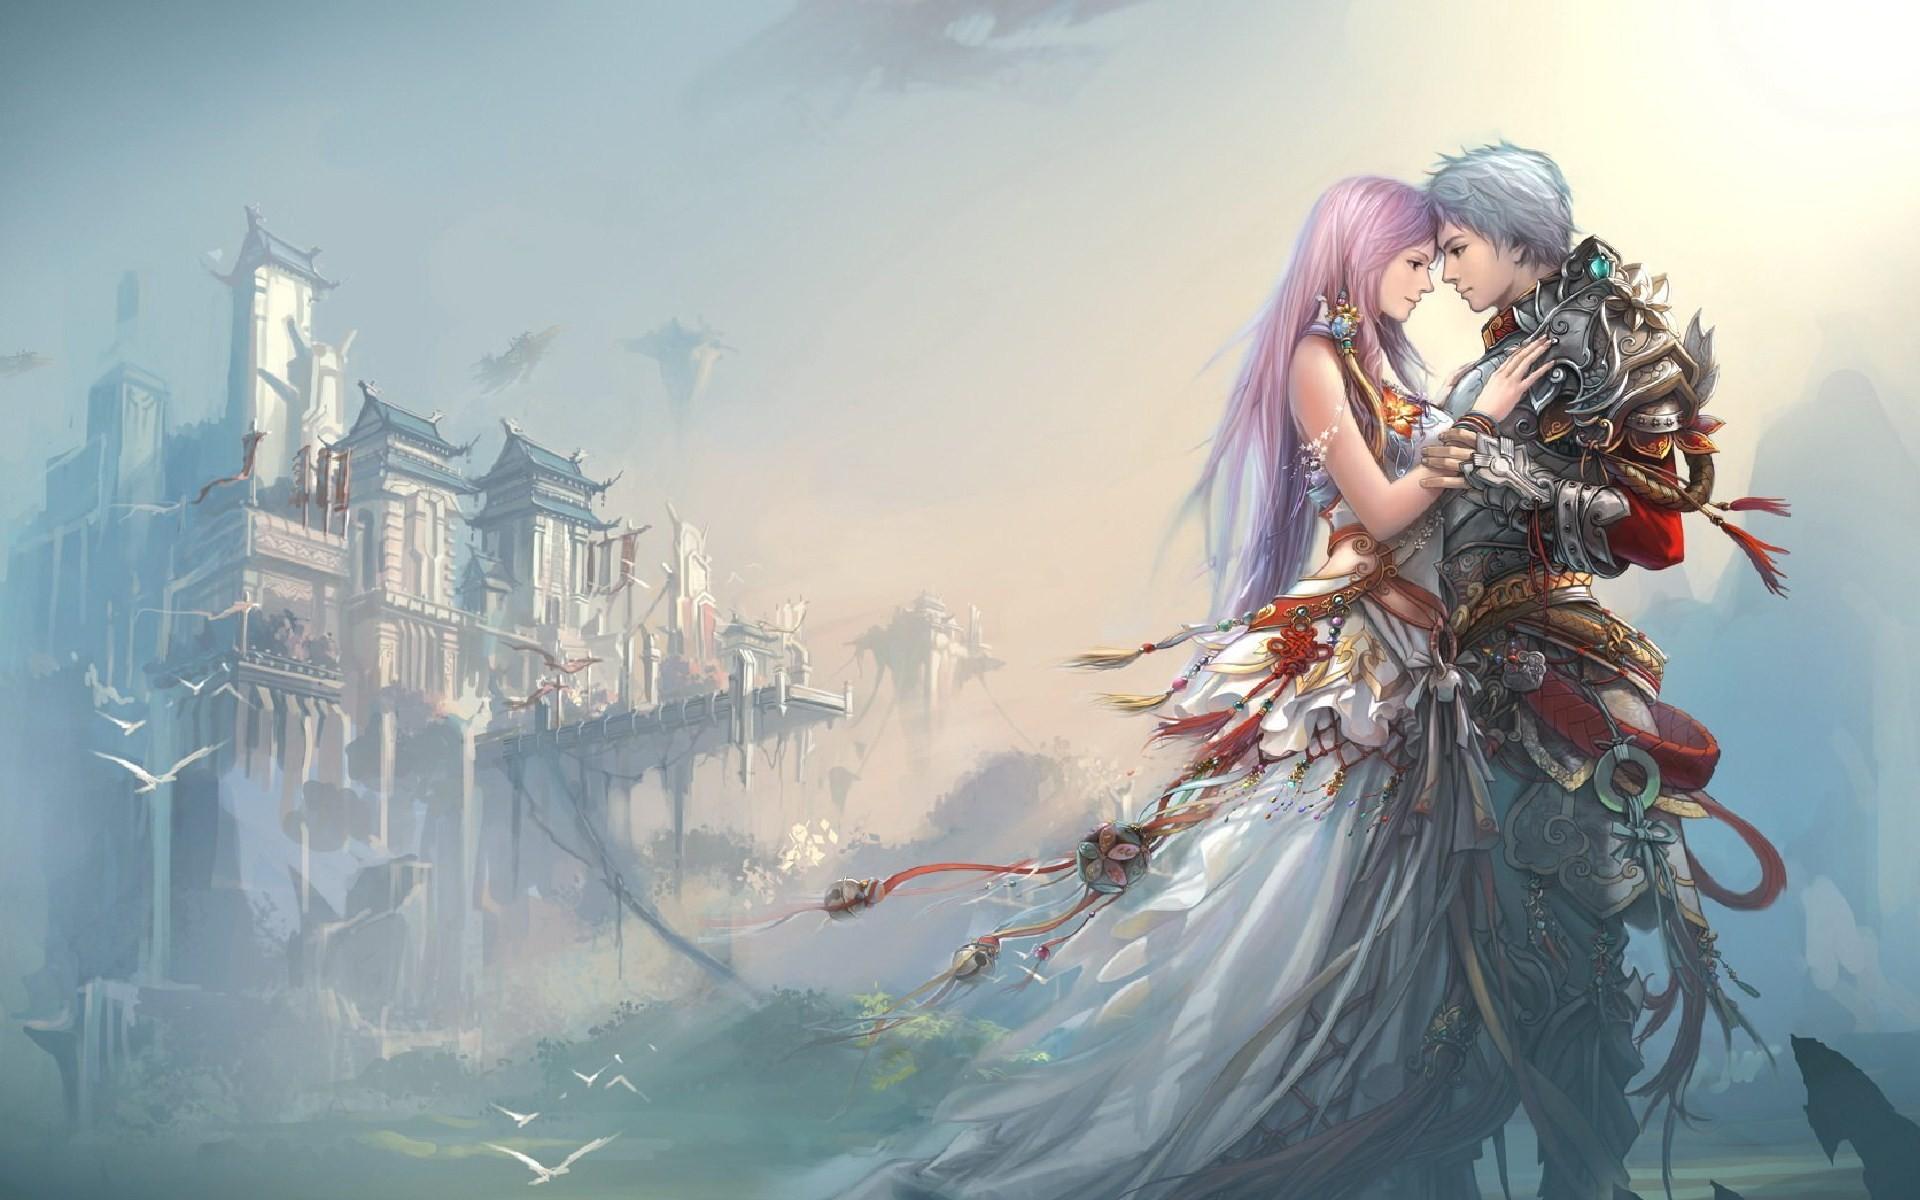 anime-boy-girl-love-castle-wallpaper-1920×1200.jpg (1920×1200) | Love |  Pinterest | Anime, Desktop backgrounds and Fantasy art